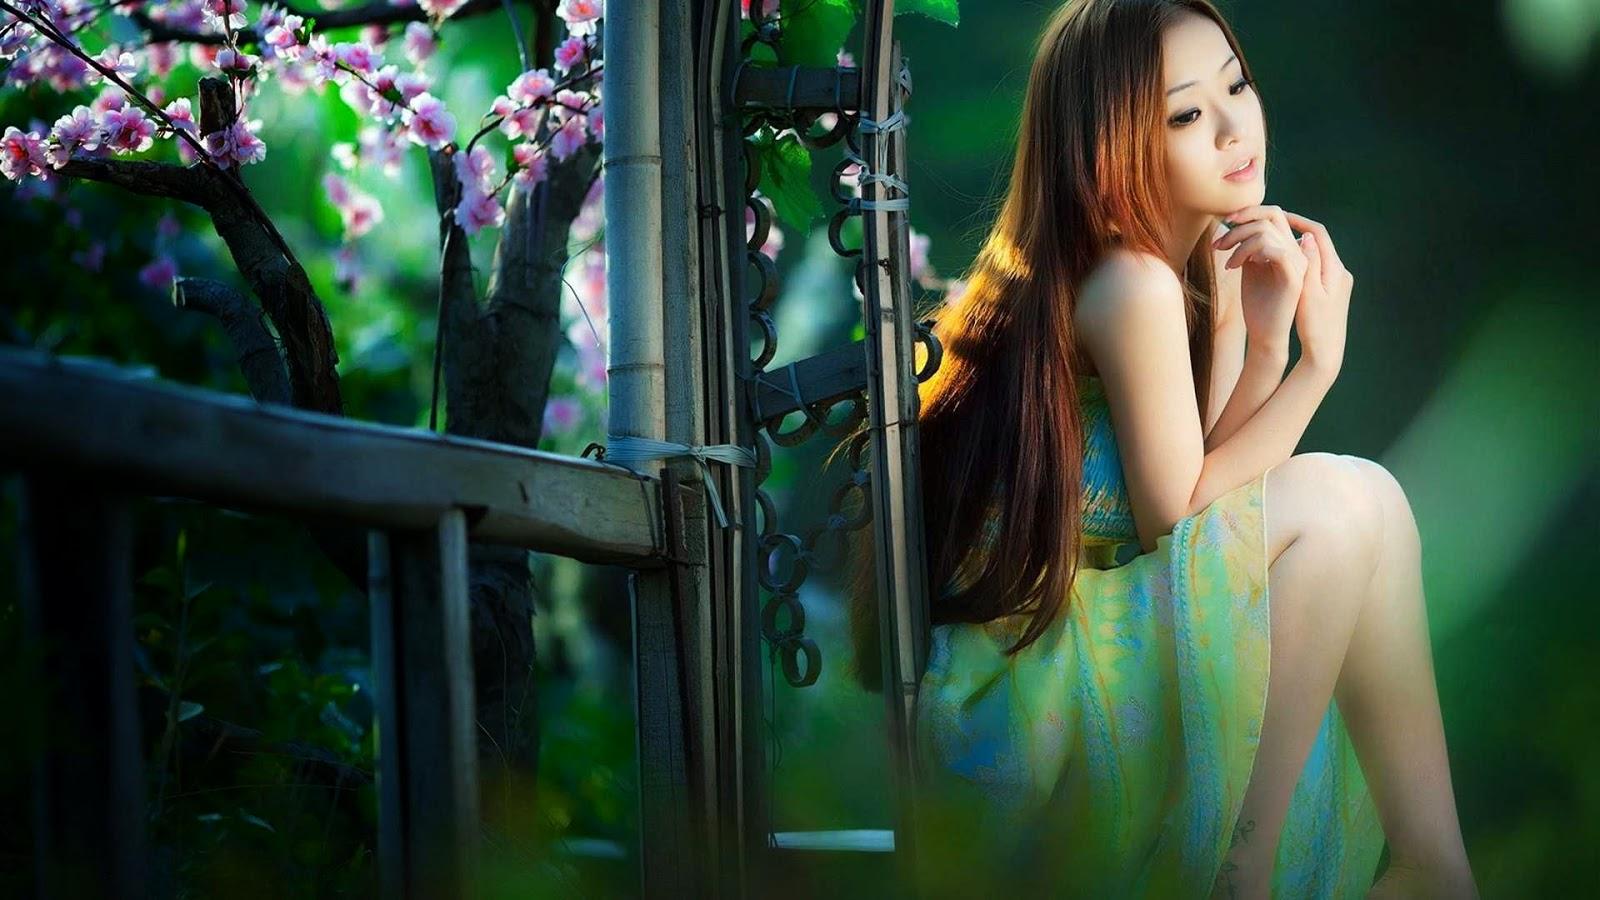 Cute Japanese Girls Wallpapers - 1600x900 - Download HD Wallpaper - WallpaperTip